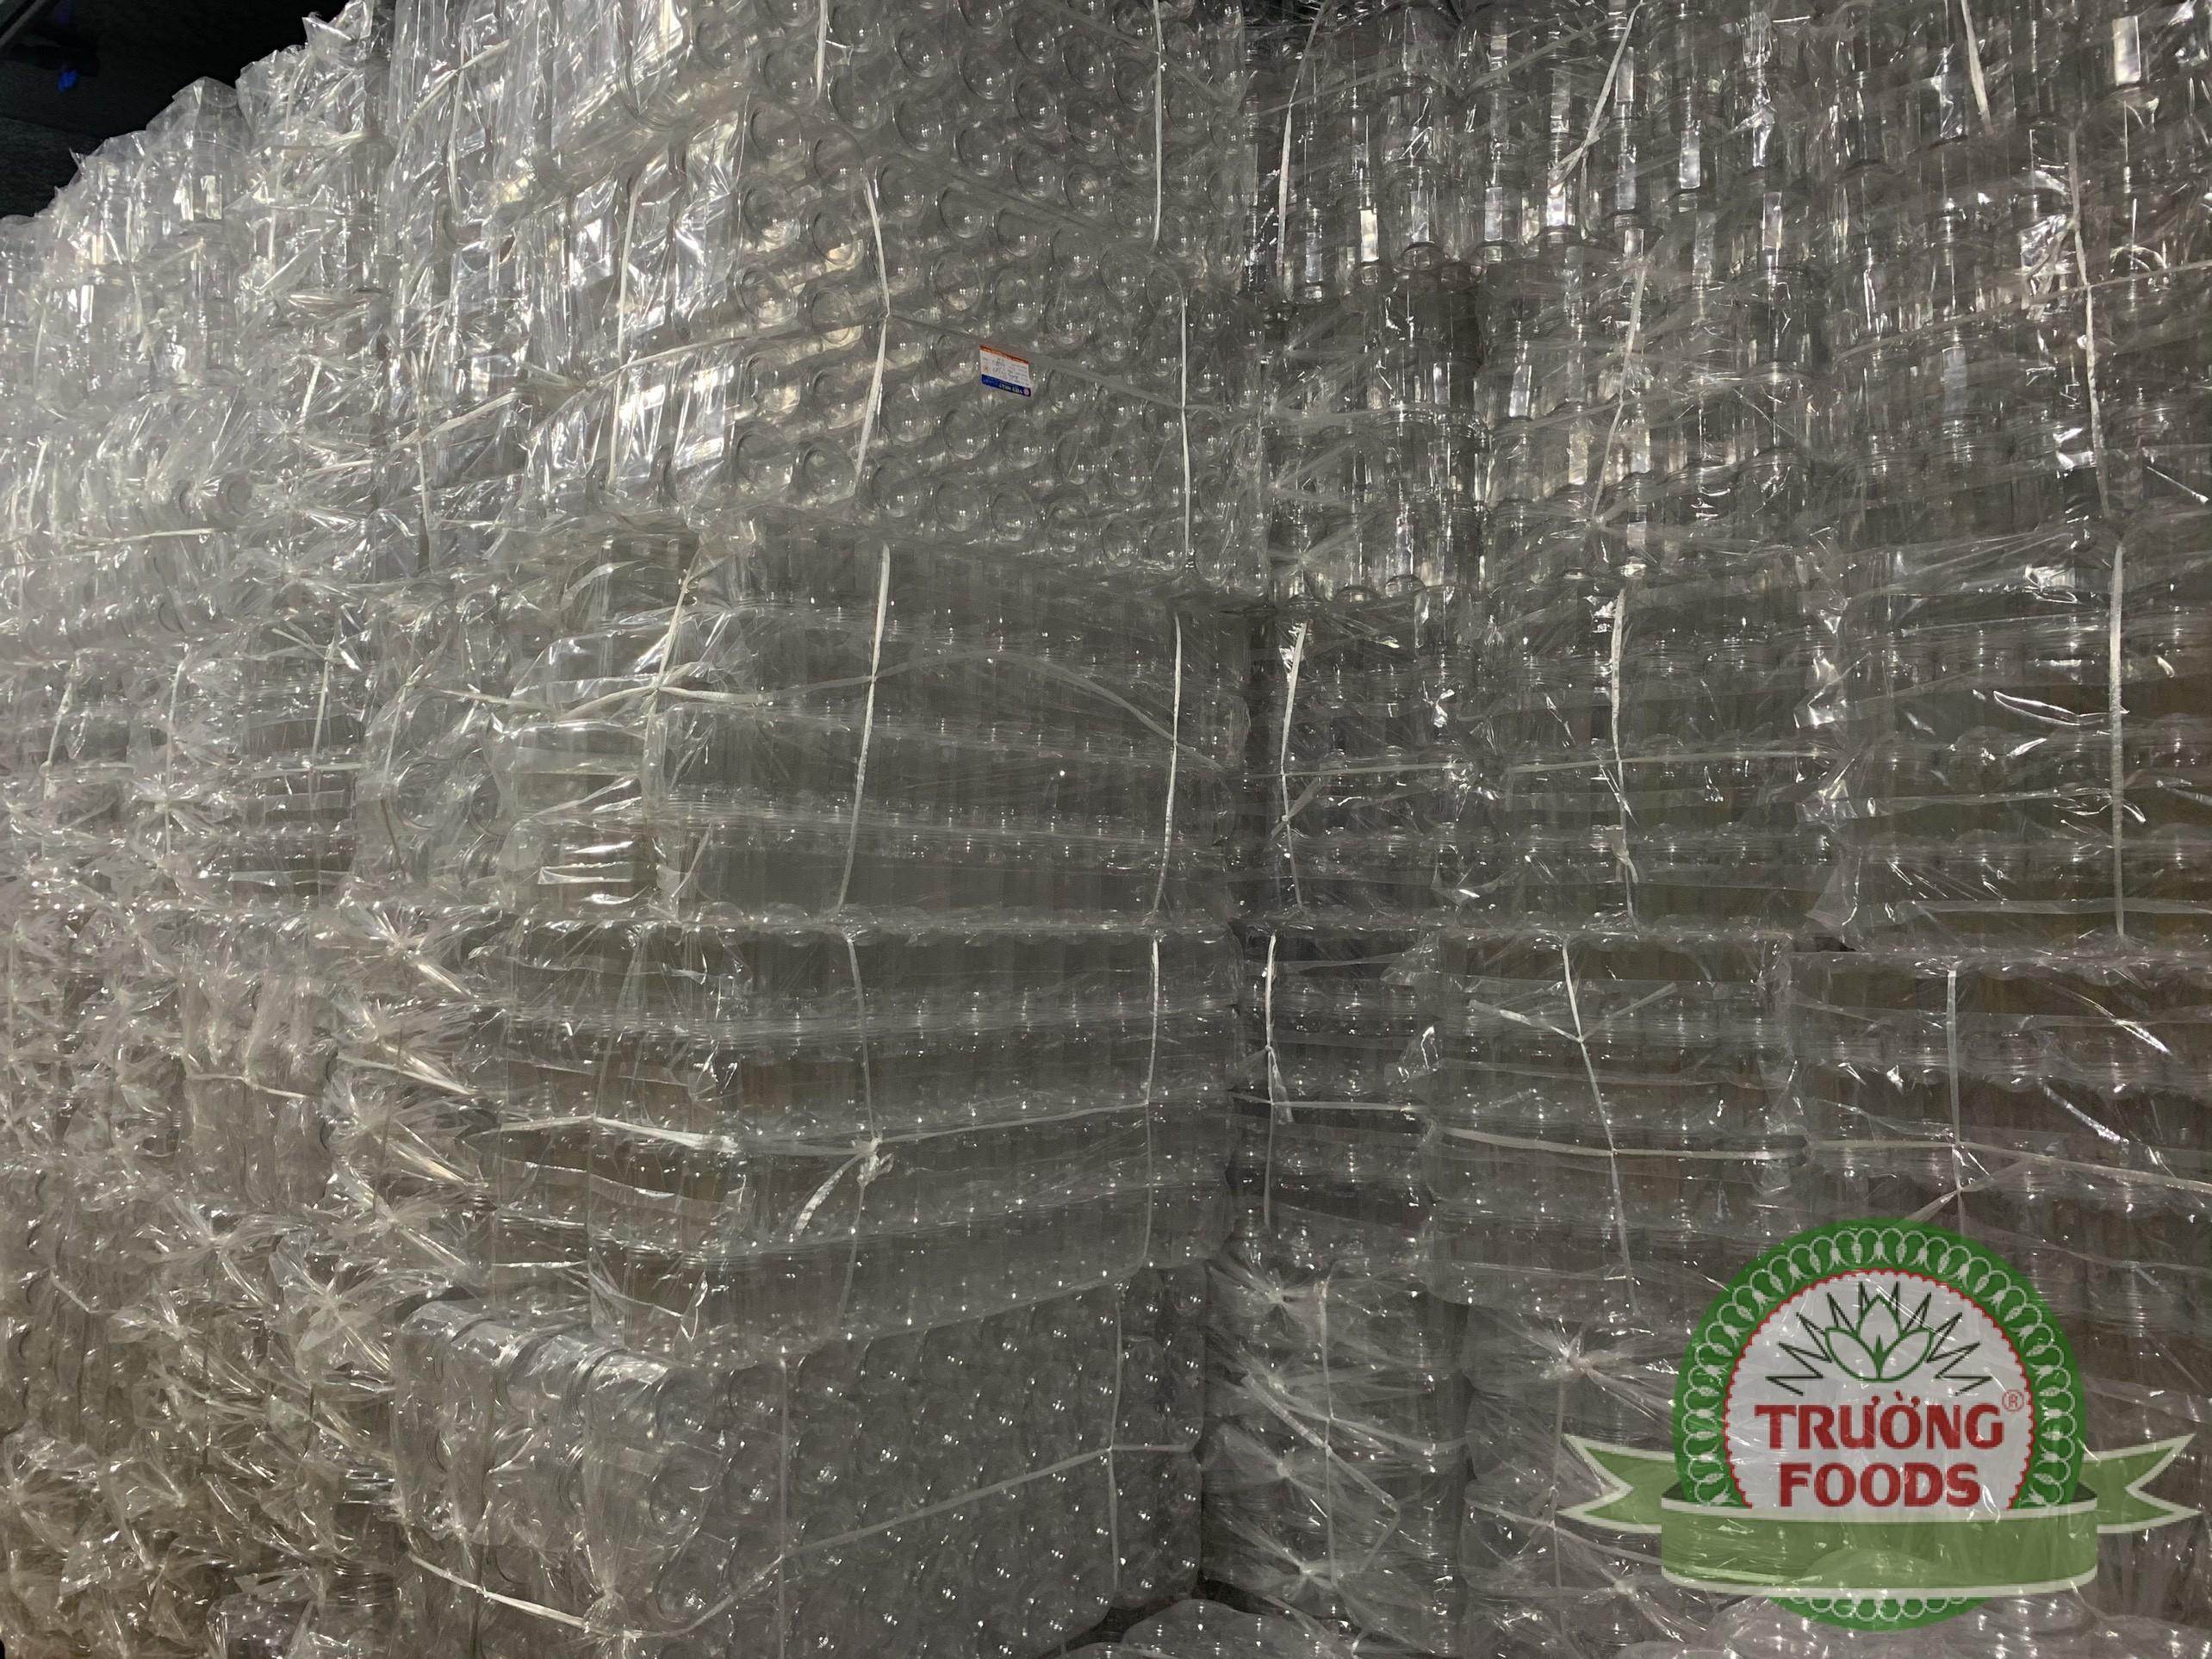 [Giải đáp] Hộp nhựa đựng thịt chua cao cấp có đảm bảo sức khỏe cho người tiêu dùng không?